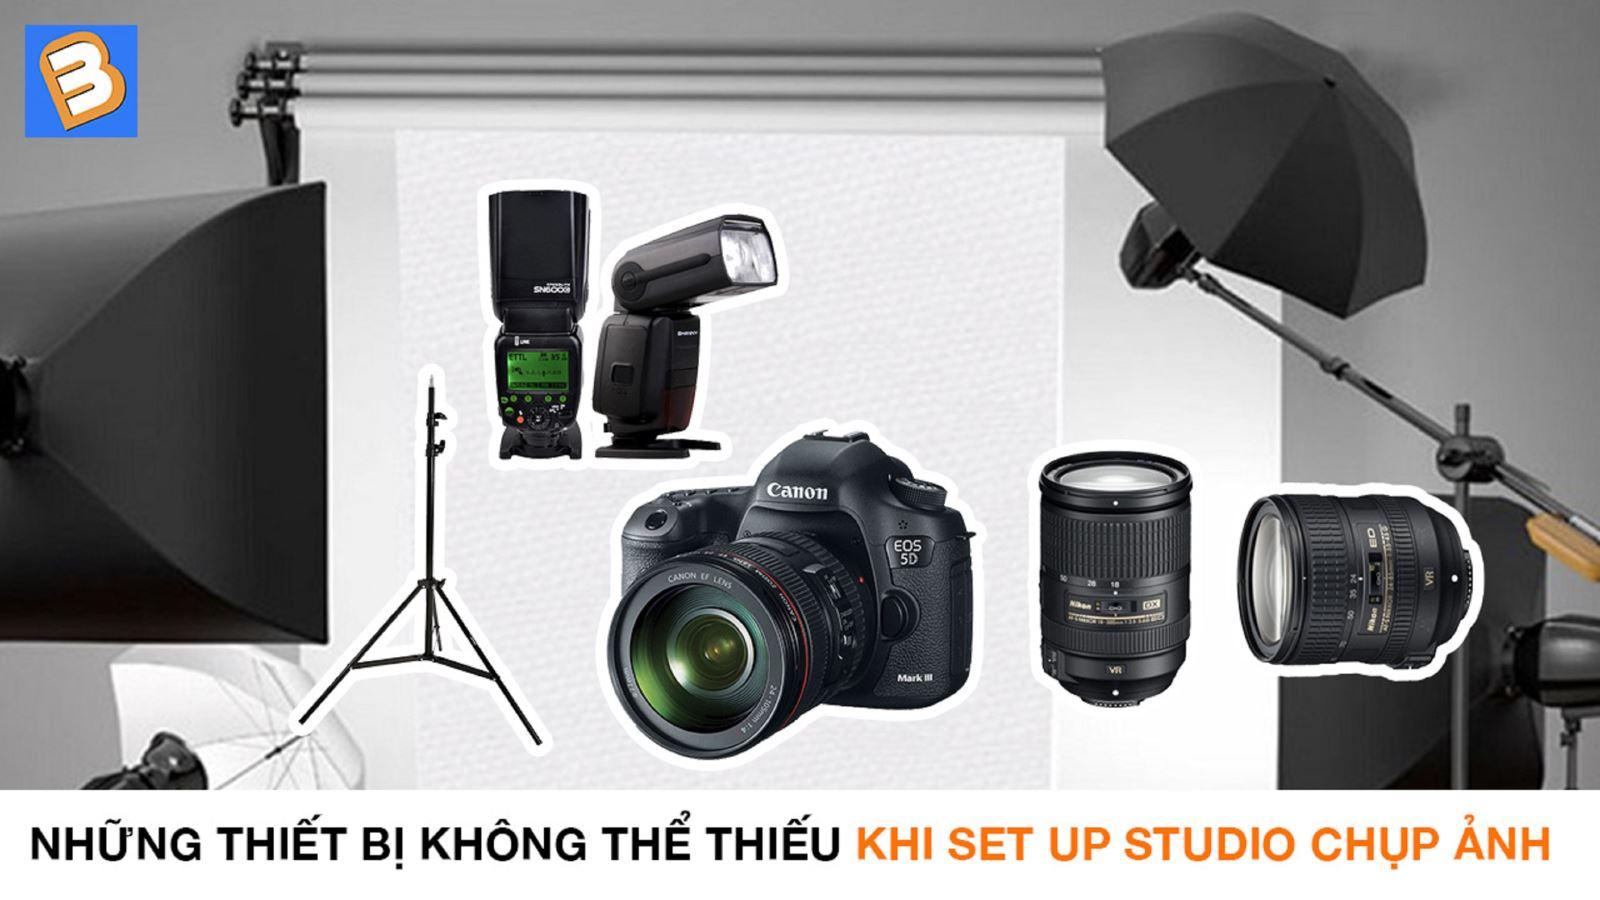 Những thiết bị không thể thiếu khi set up studio chụp ảnh